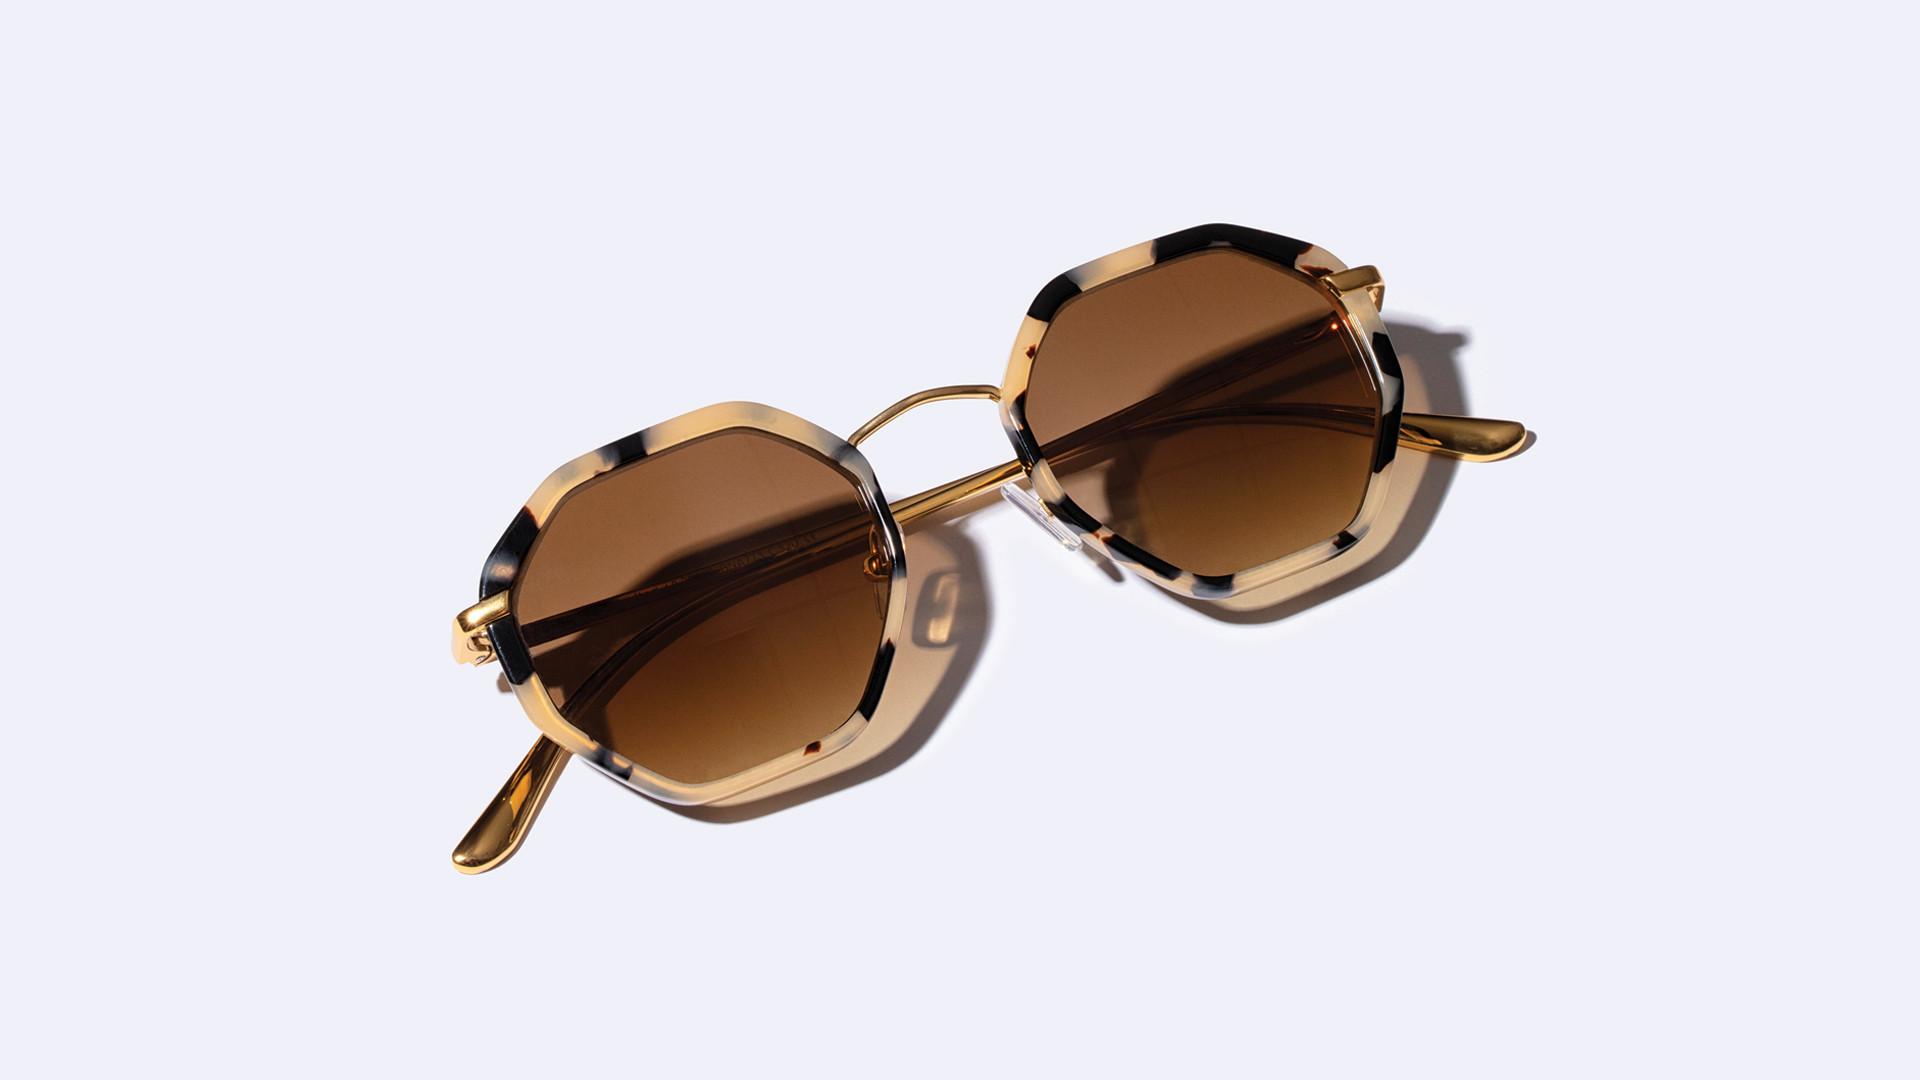 Bailey Nelson Reba sunglasses